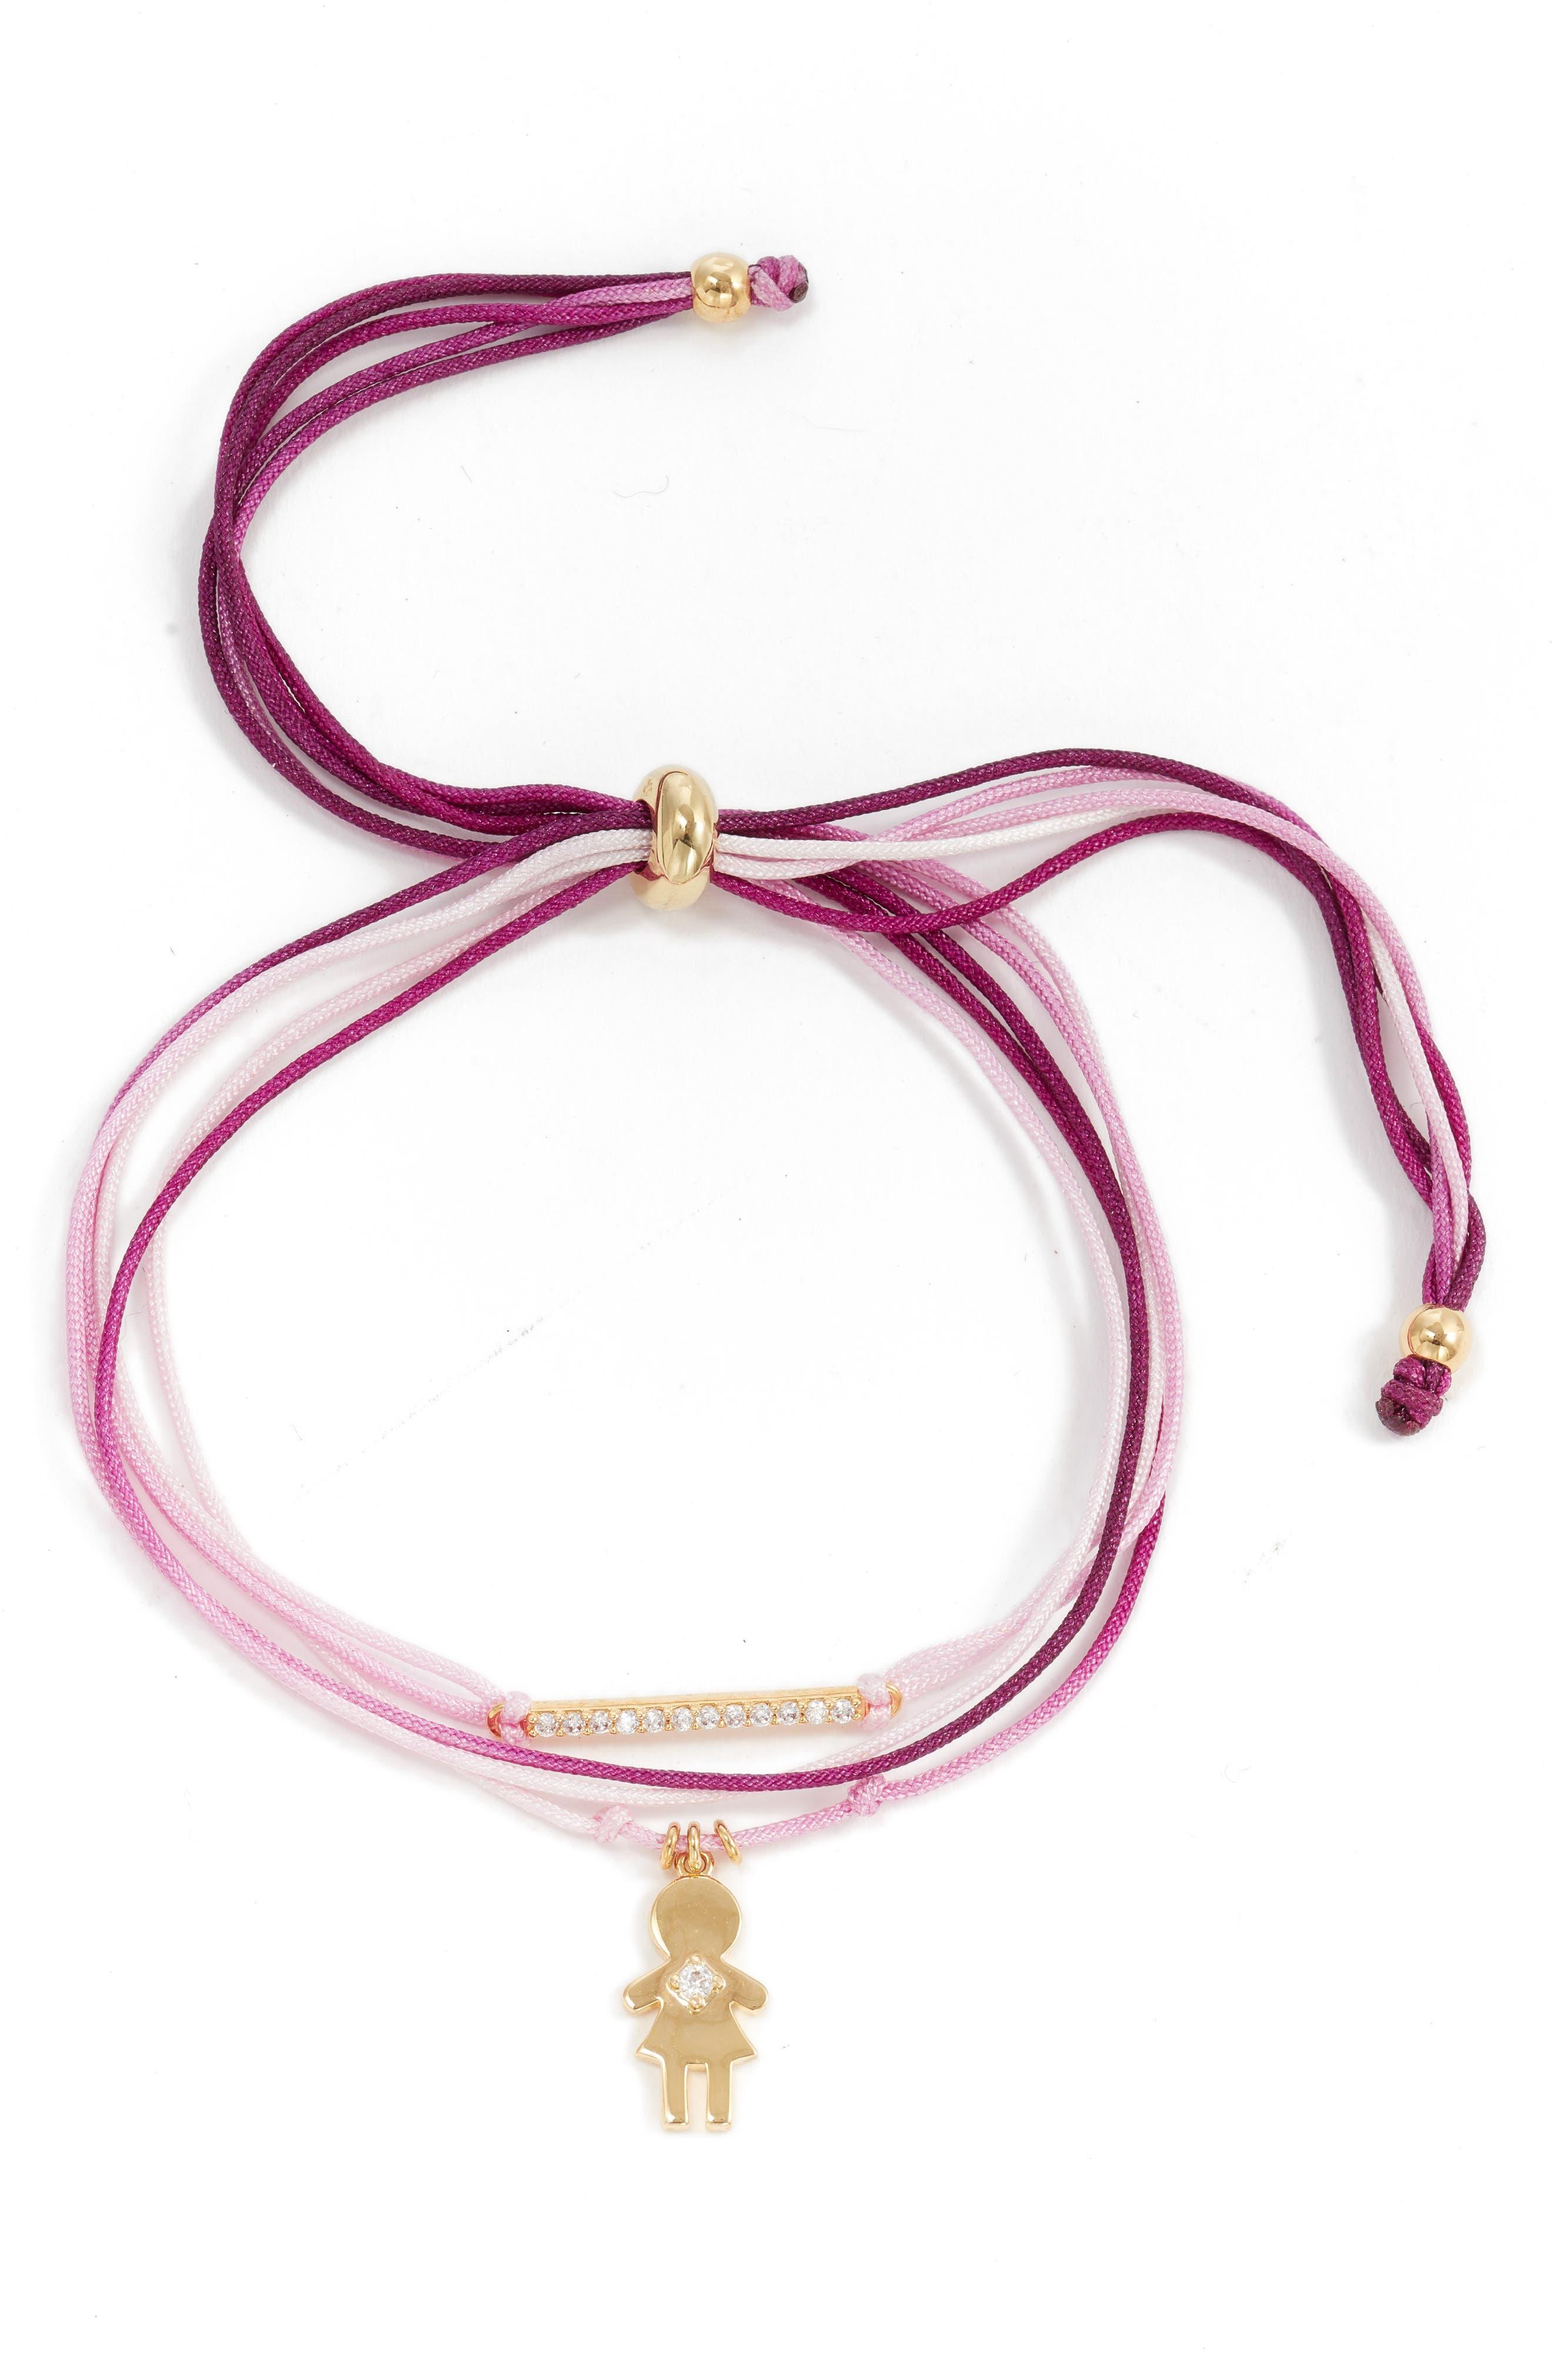 Image of Nordstrom Girl Charm Friendship Bracelet